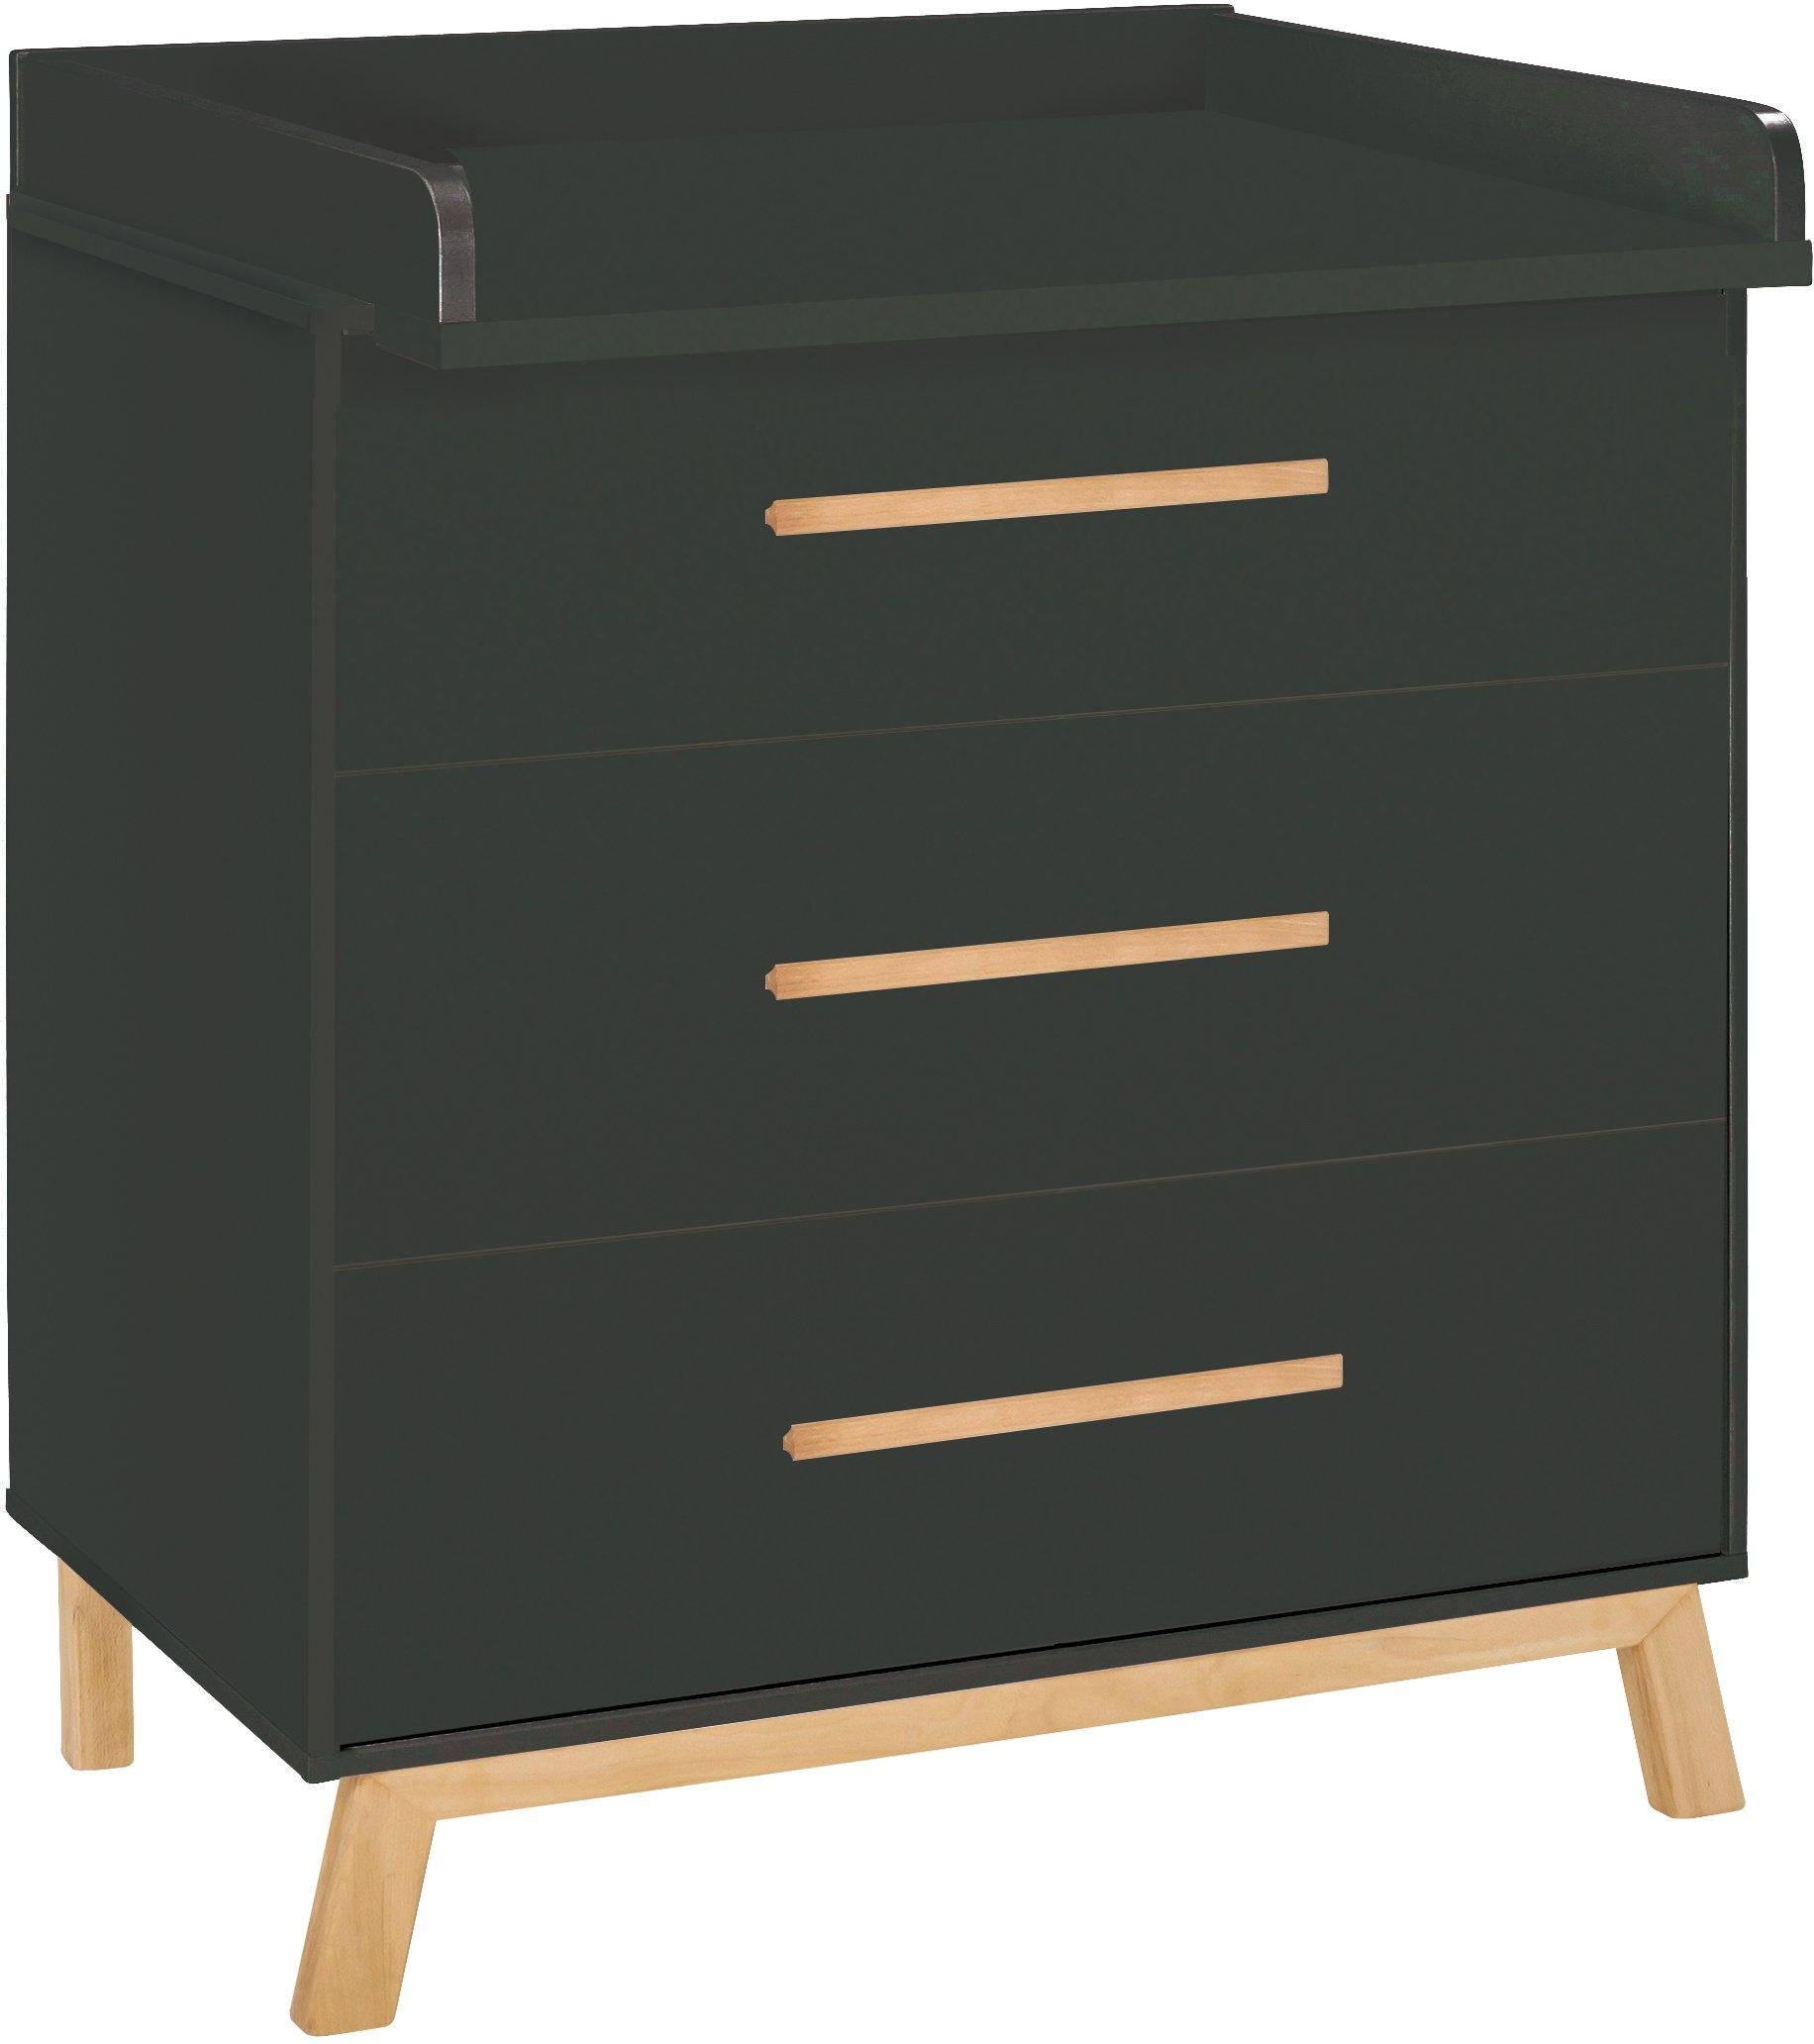 Op zoek naar een Schardt commode Sienna Black Made in Germany? Koop online bij OTTO